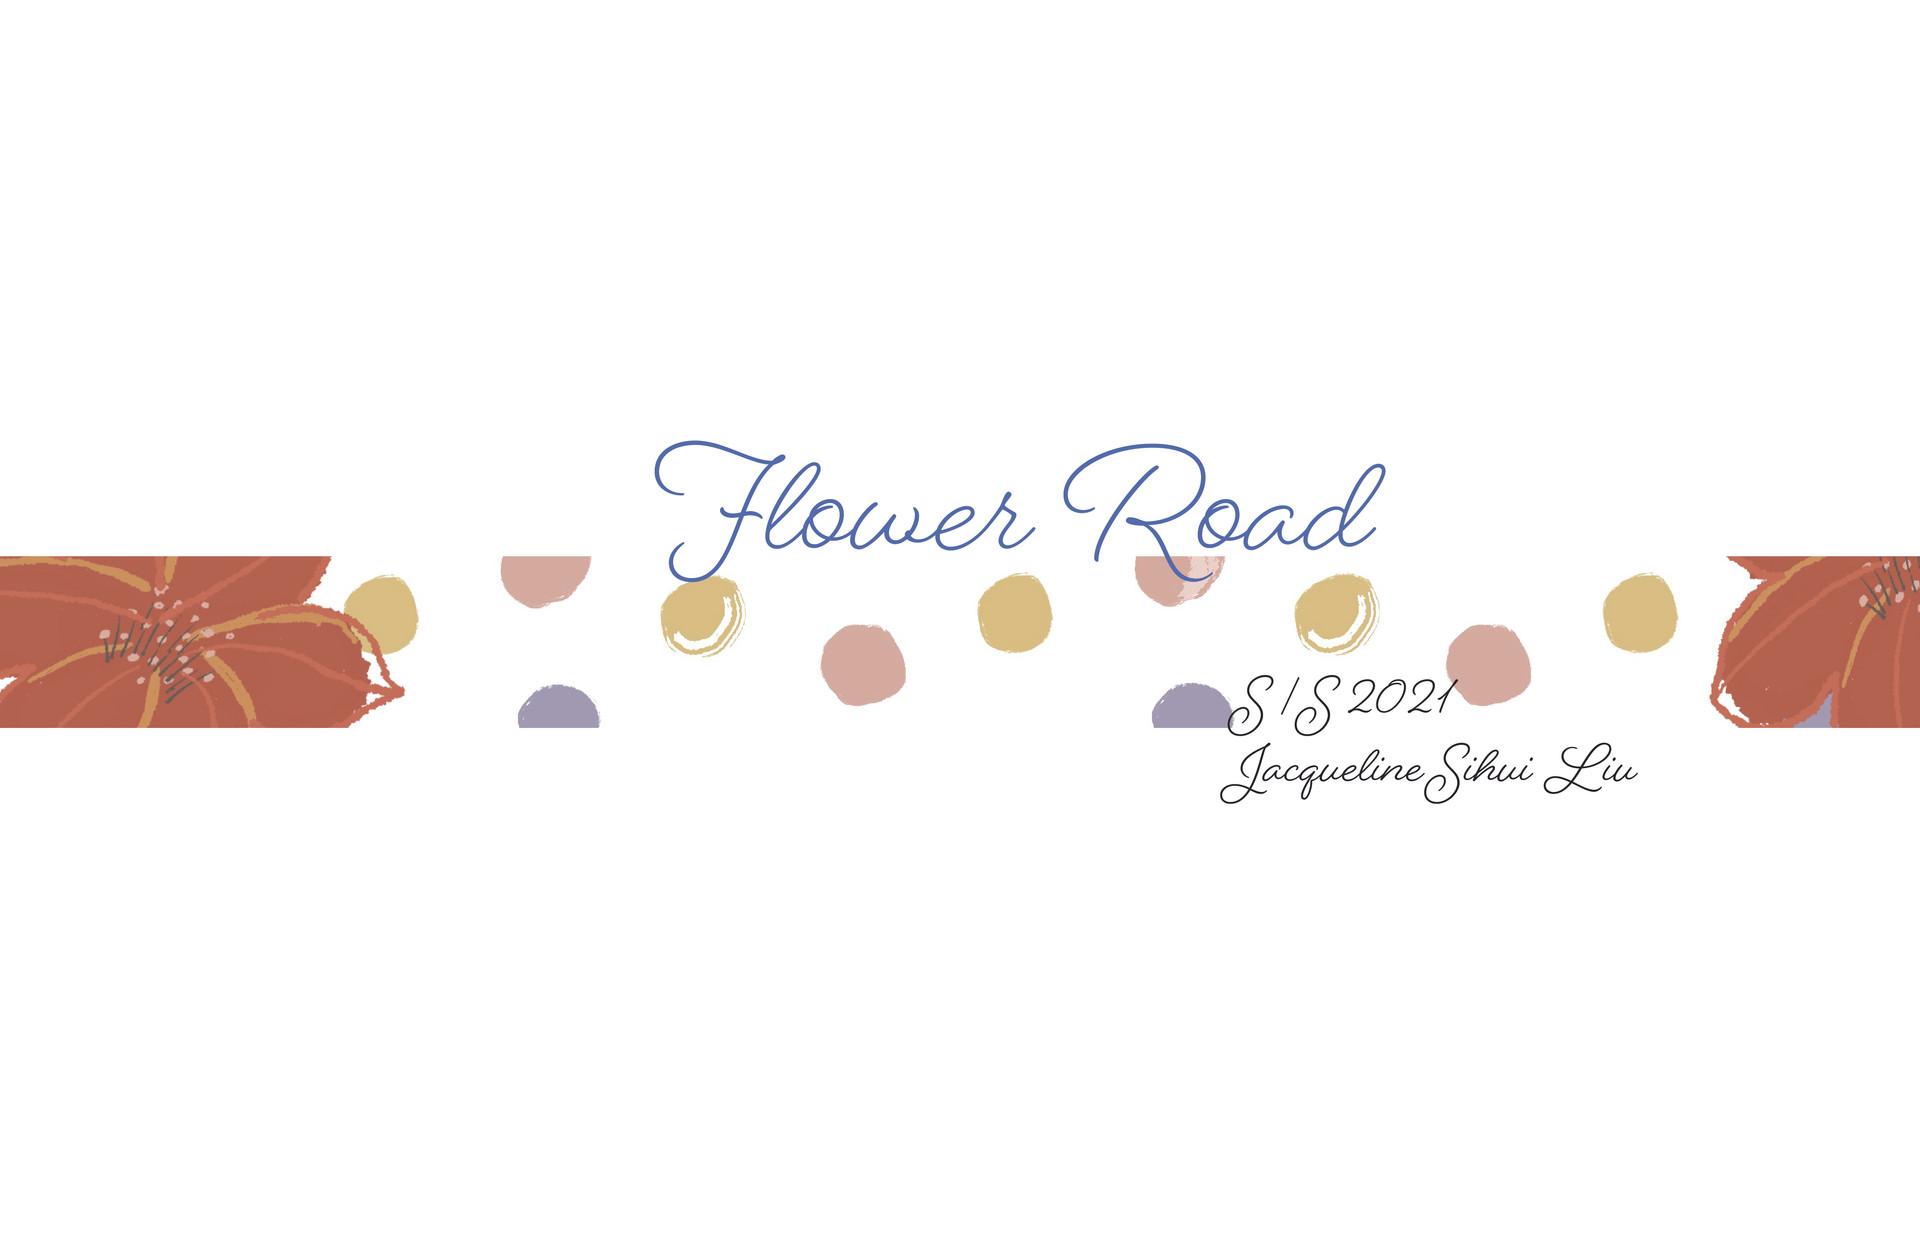 Flower Road S/S 2021